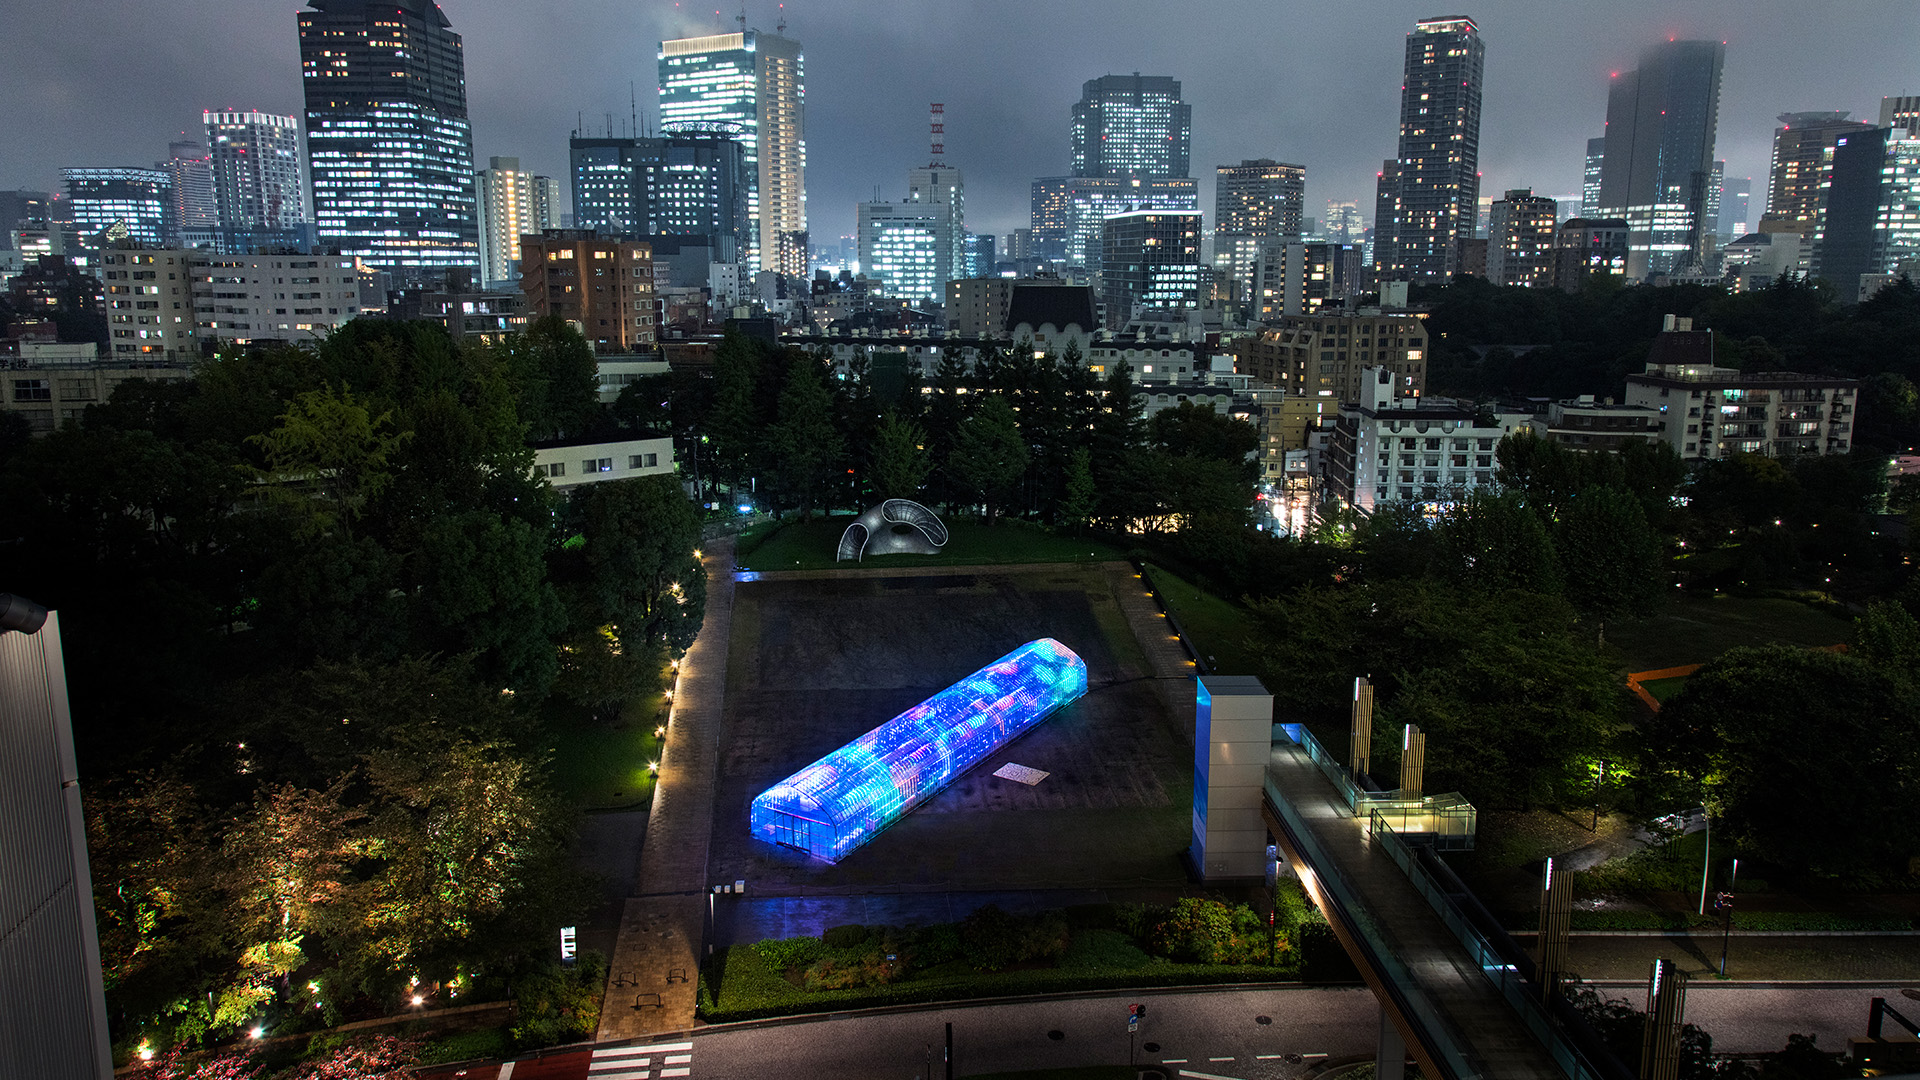 rgb_creative_ideas--digital-vegetable-japan-greenhouse-01